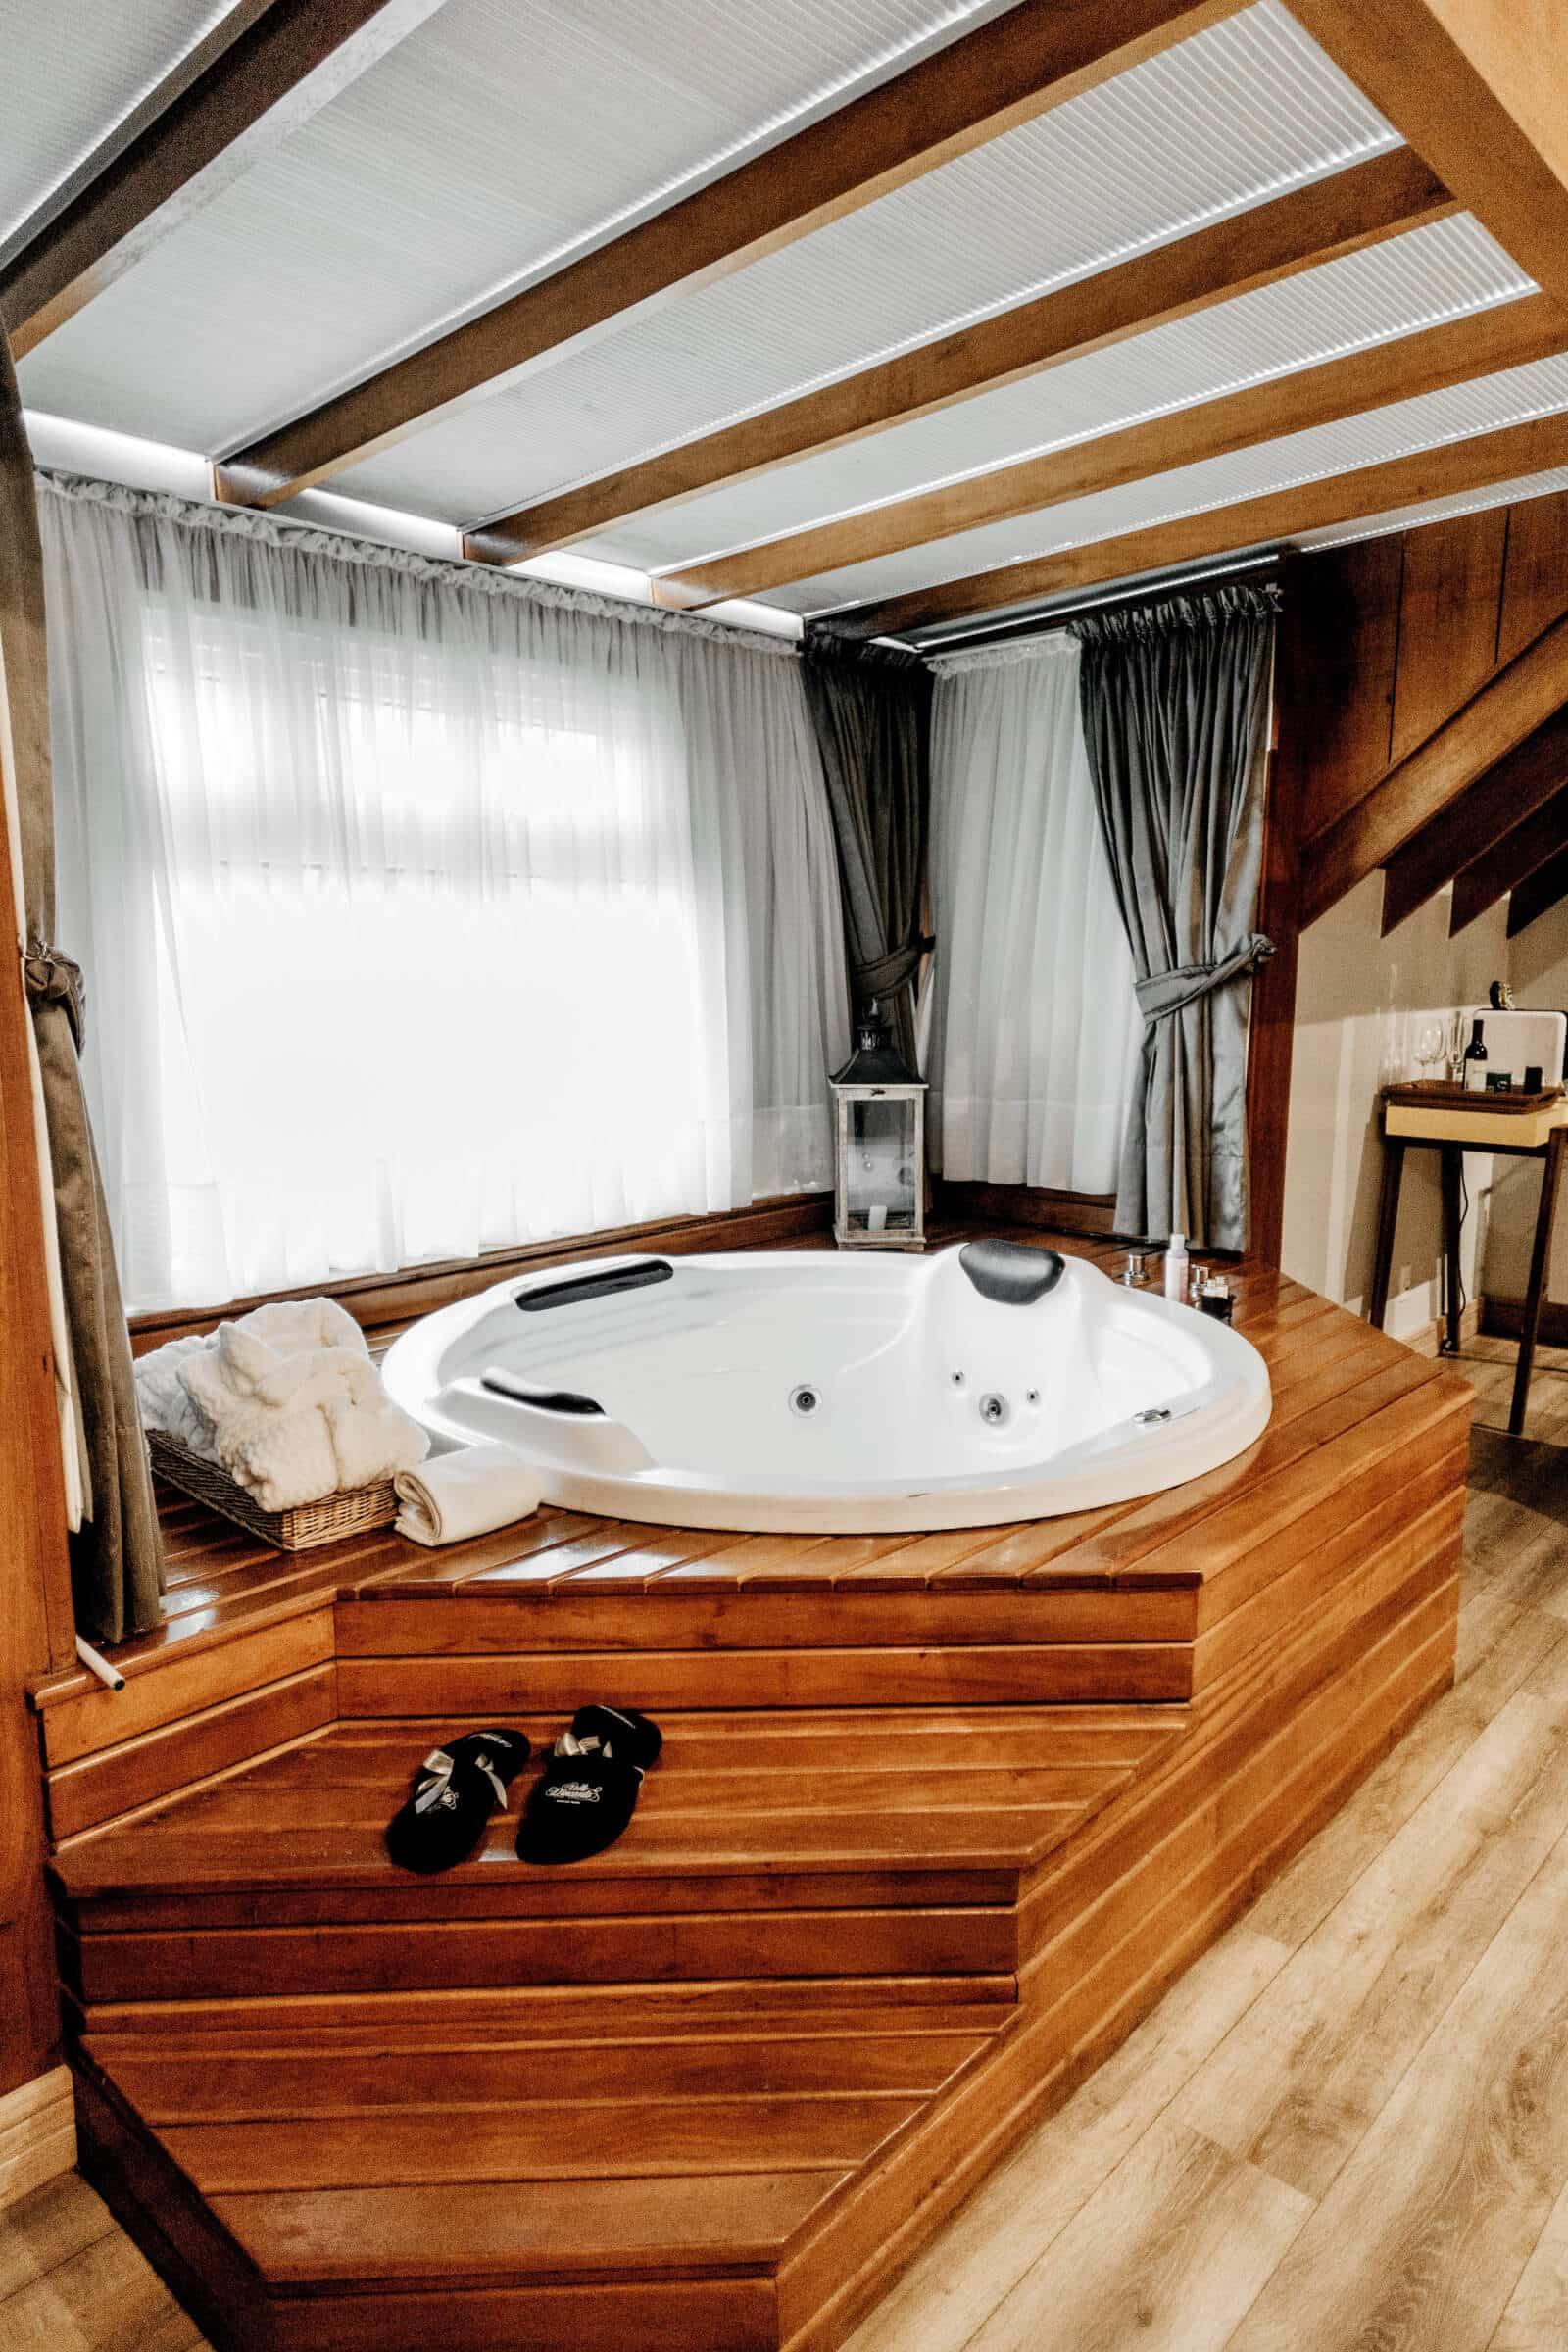 Hotel mit Whirlpool im Zimmer Romantikhotel NRW